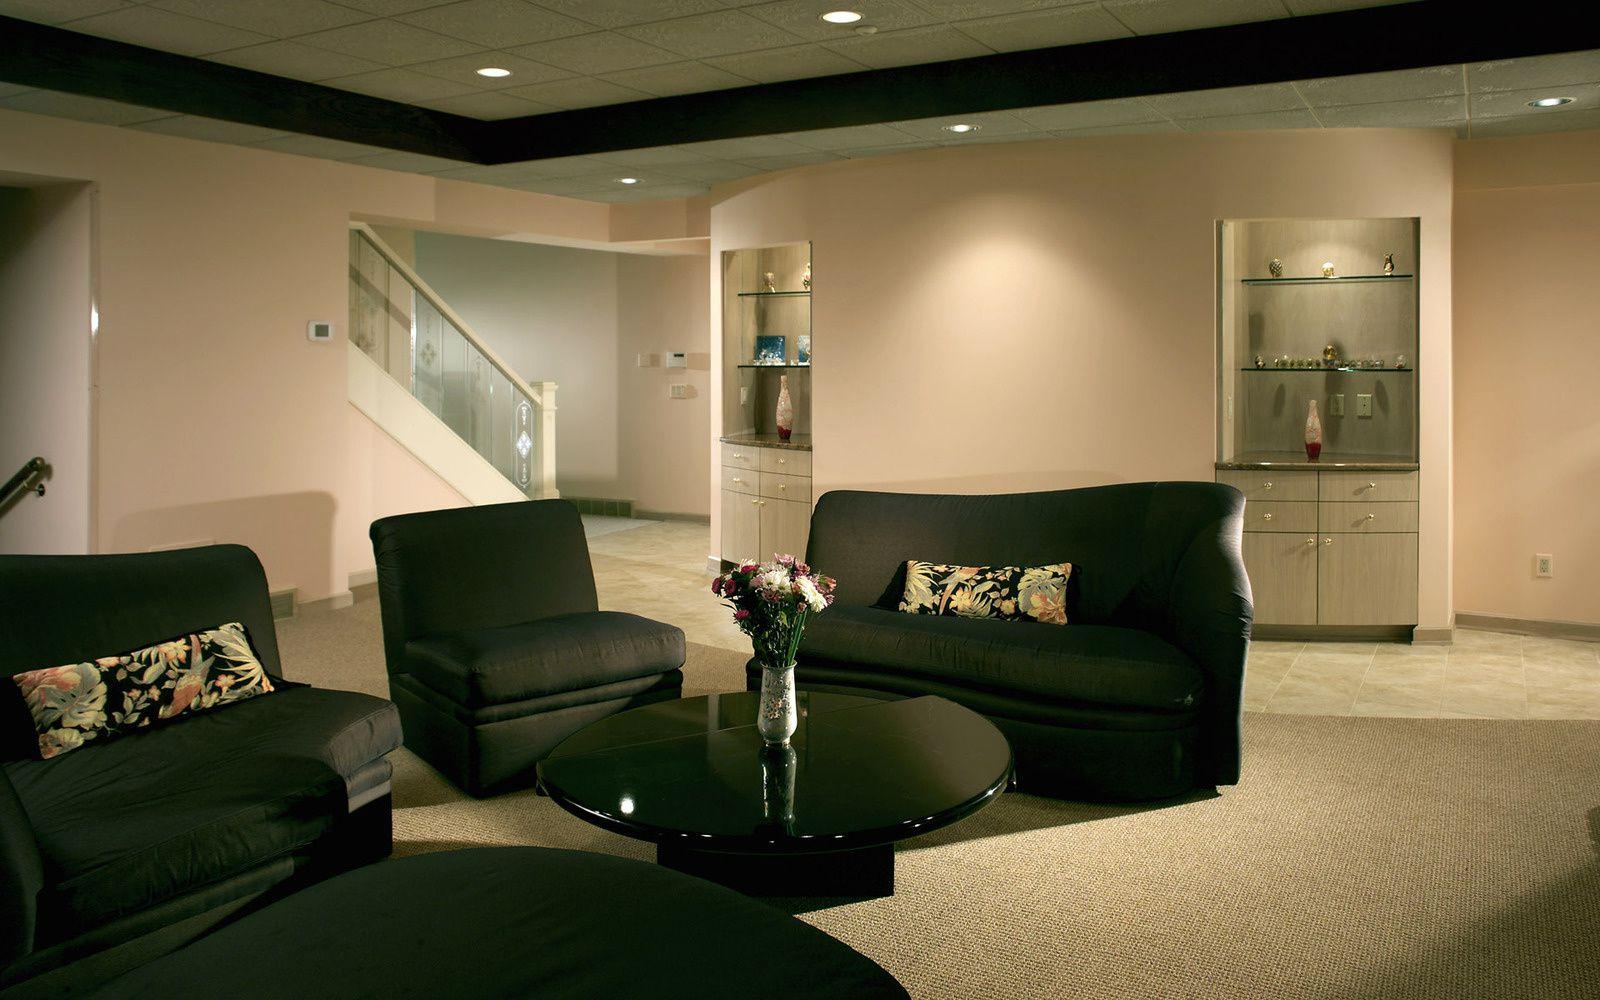 Salon - Escalier - Décoration - Wallpaper - Free